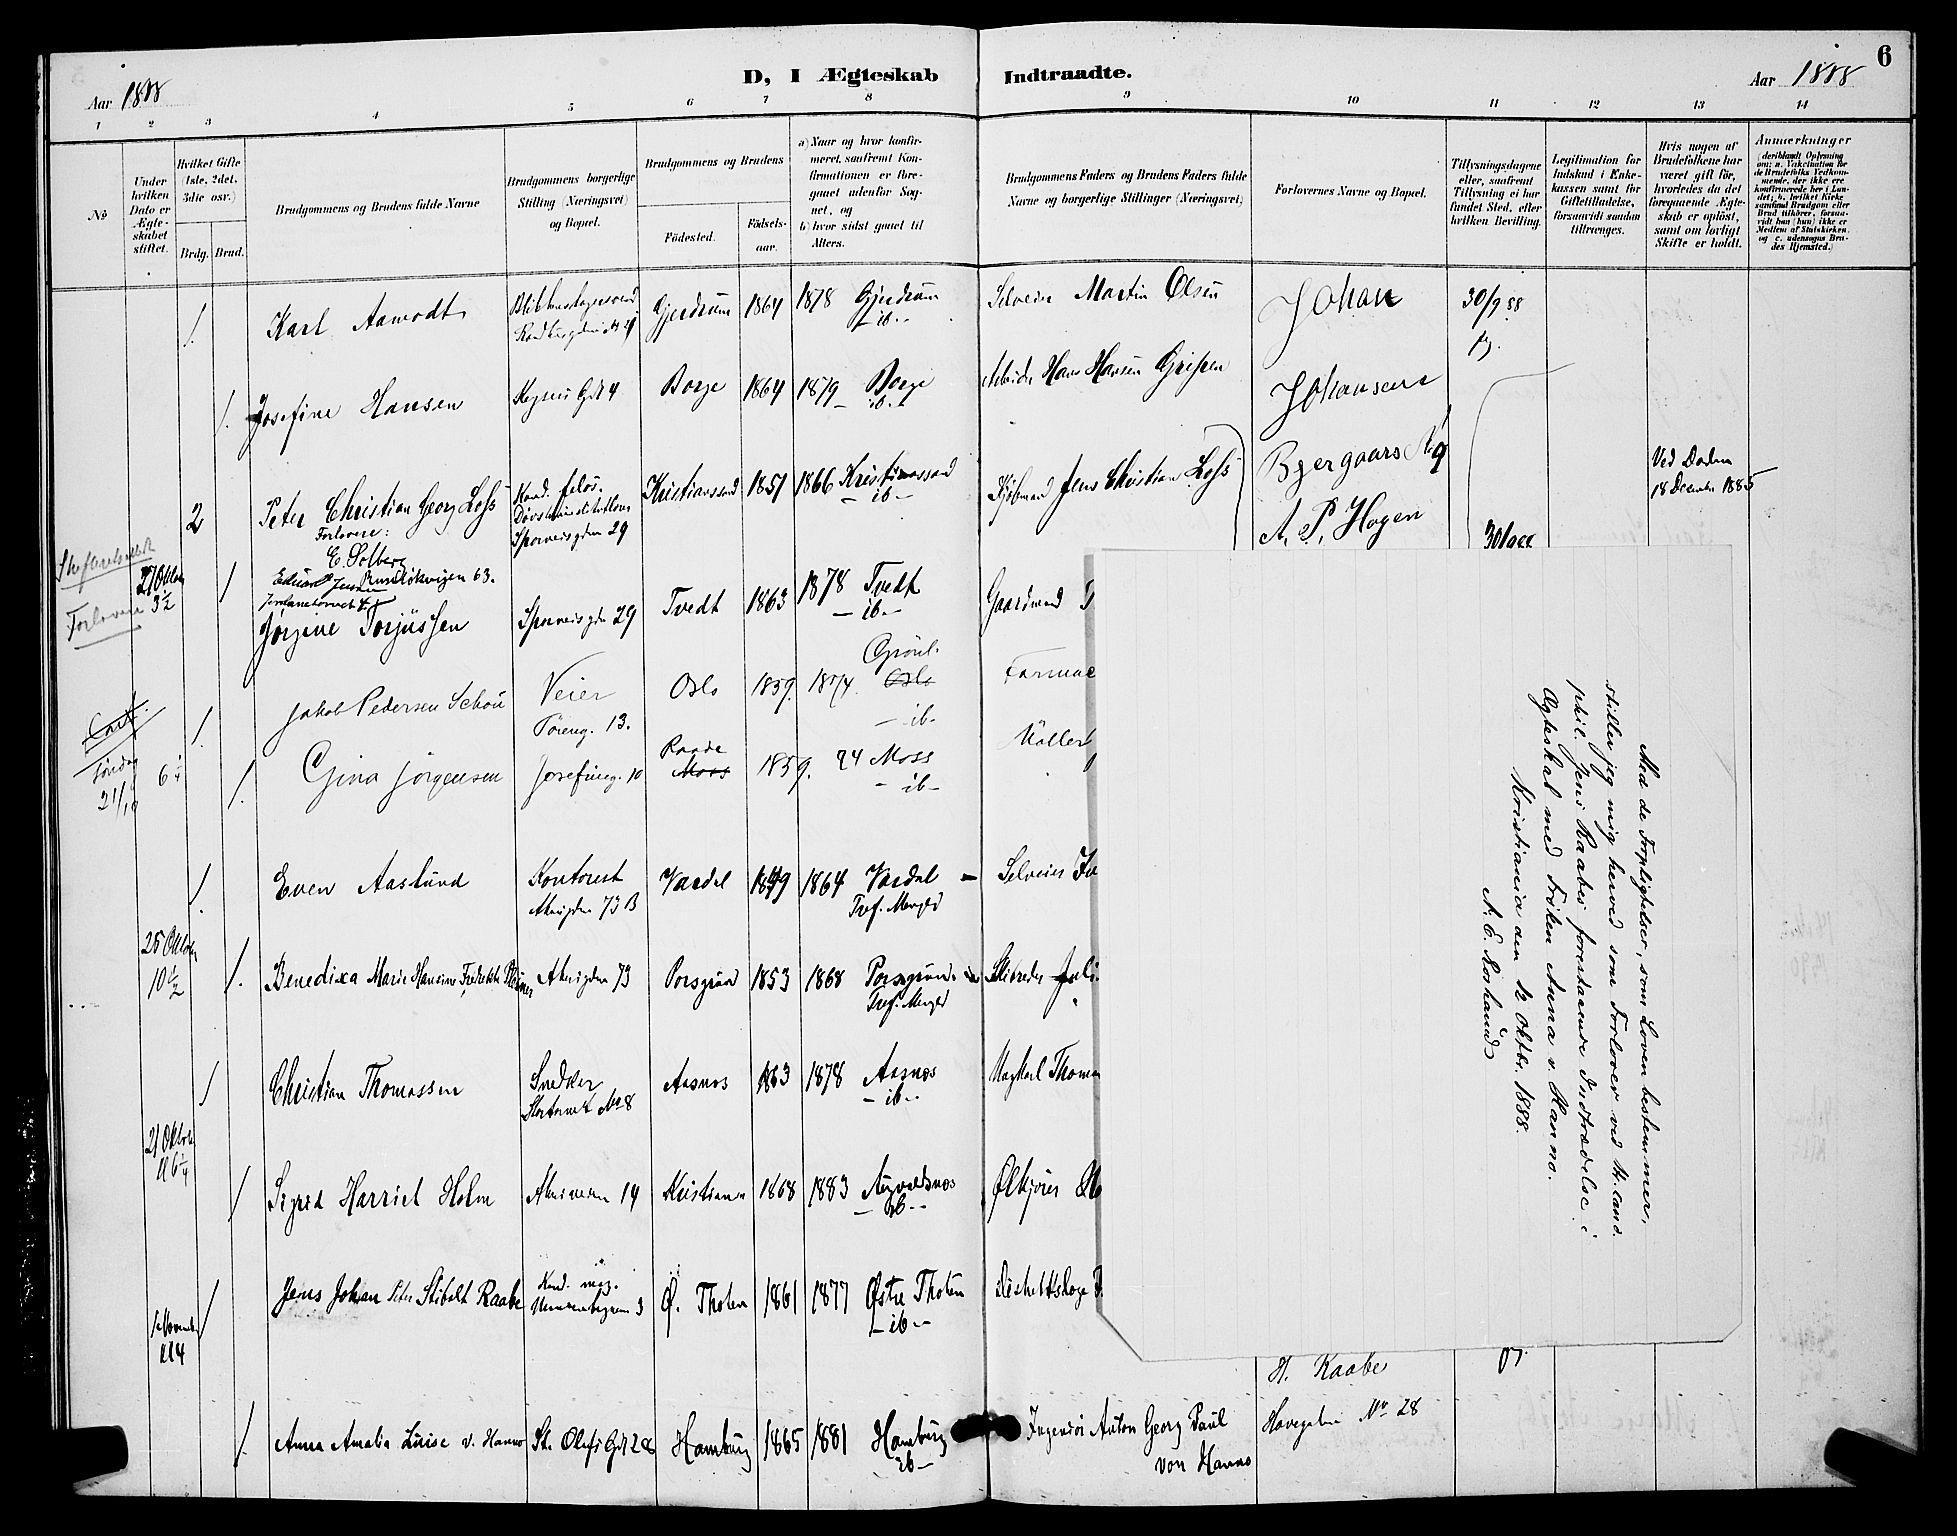 SAO, Trefoldighet prestekontor Kirkebøker, H/Ha/L0004: Lysningsprotokoll nr. 4, 1888-1894, s. 6